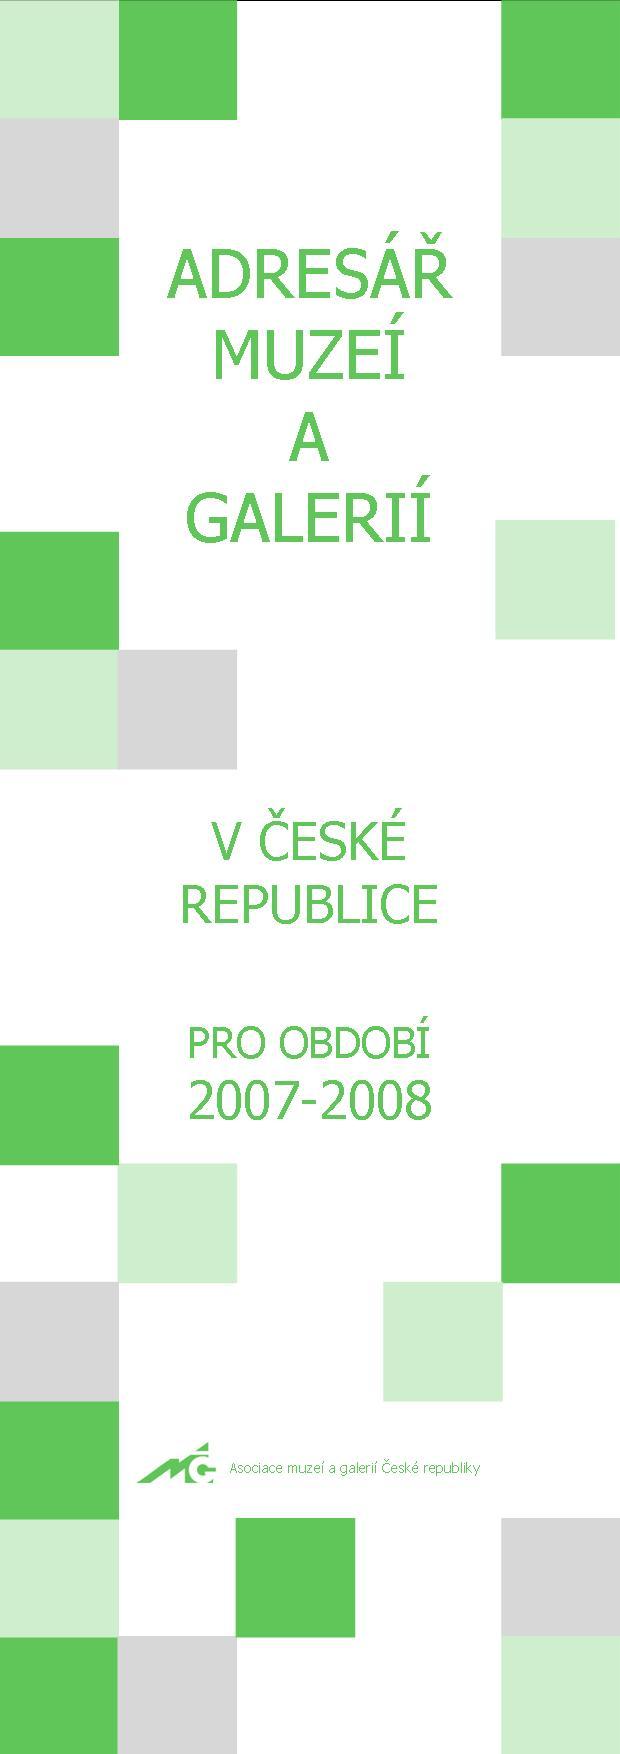 Adresář muzeí a galerií v České republice pro období 2007–2008 8d26f50915